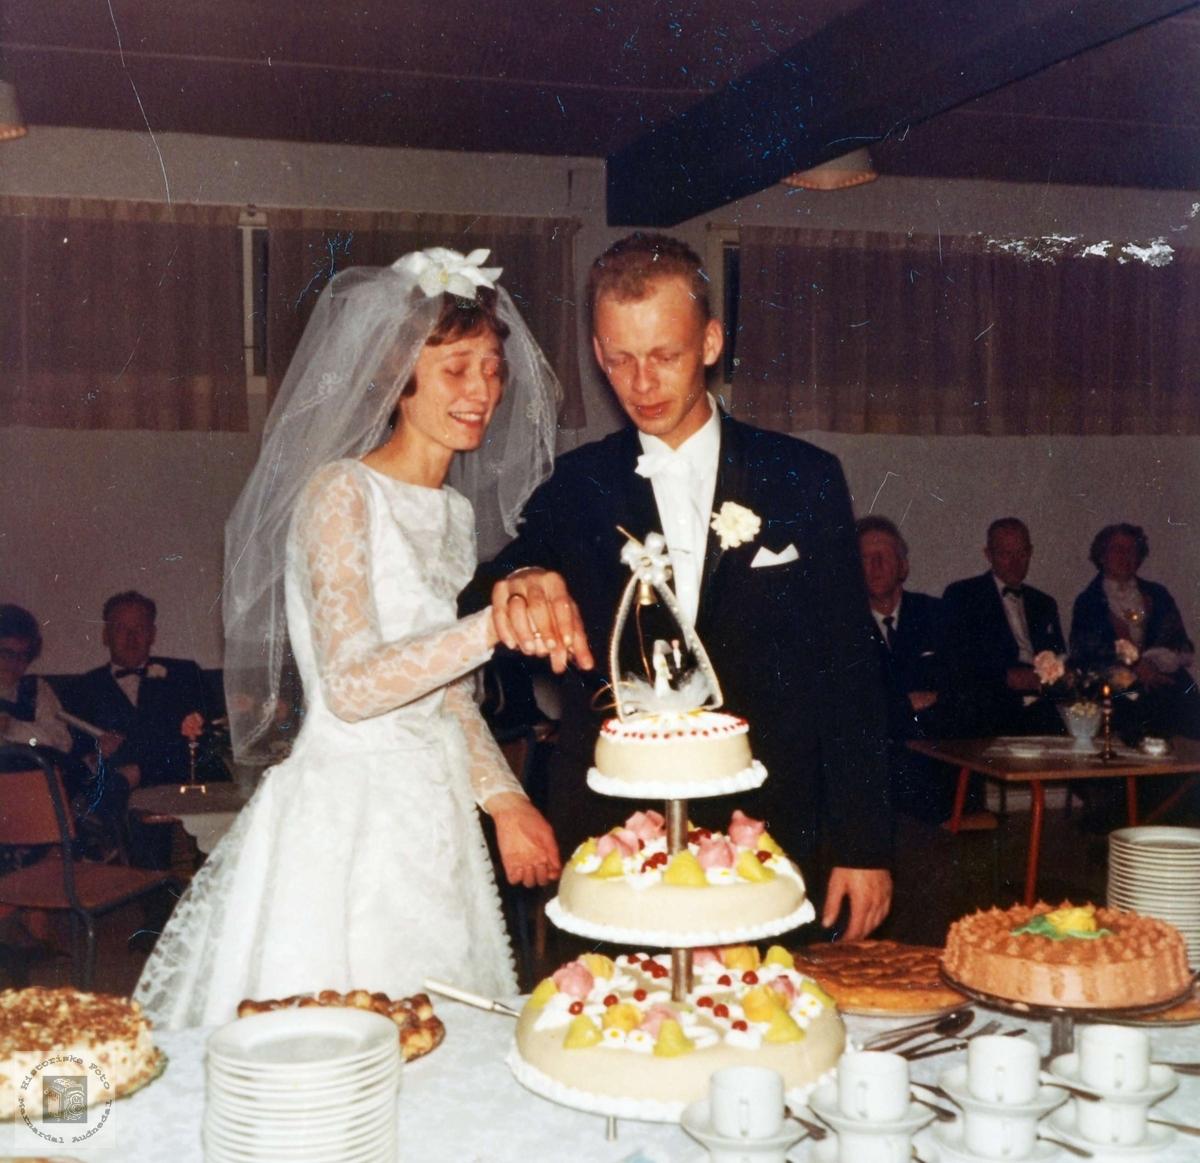 Brudeparet Synnøve og Tom Flottorp. Audnedal.